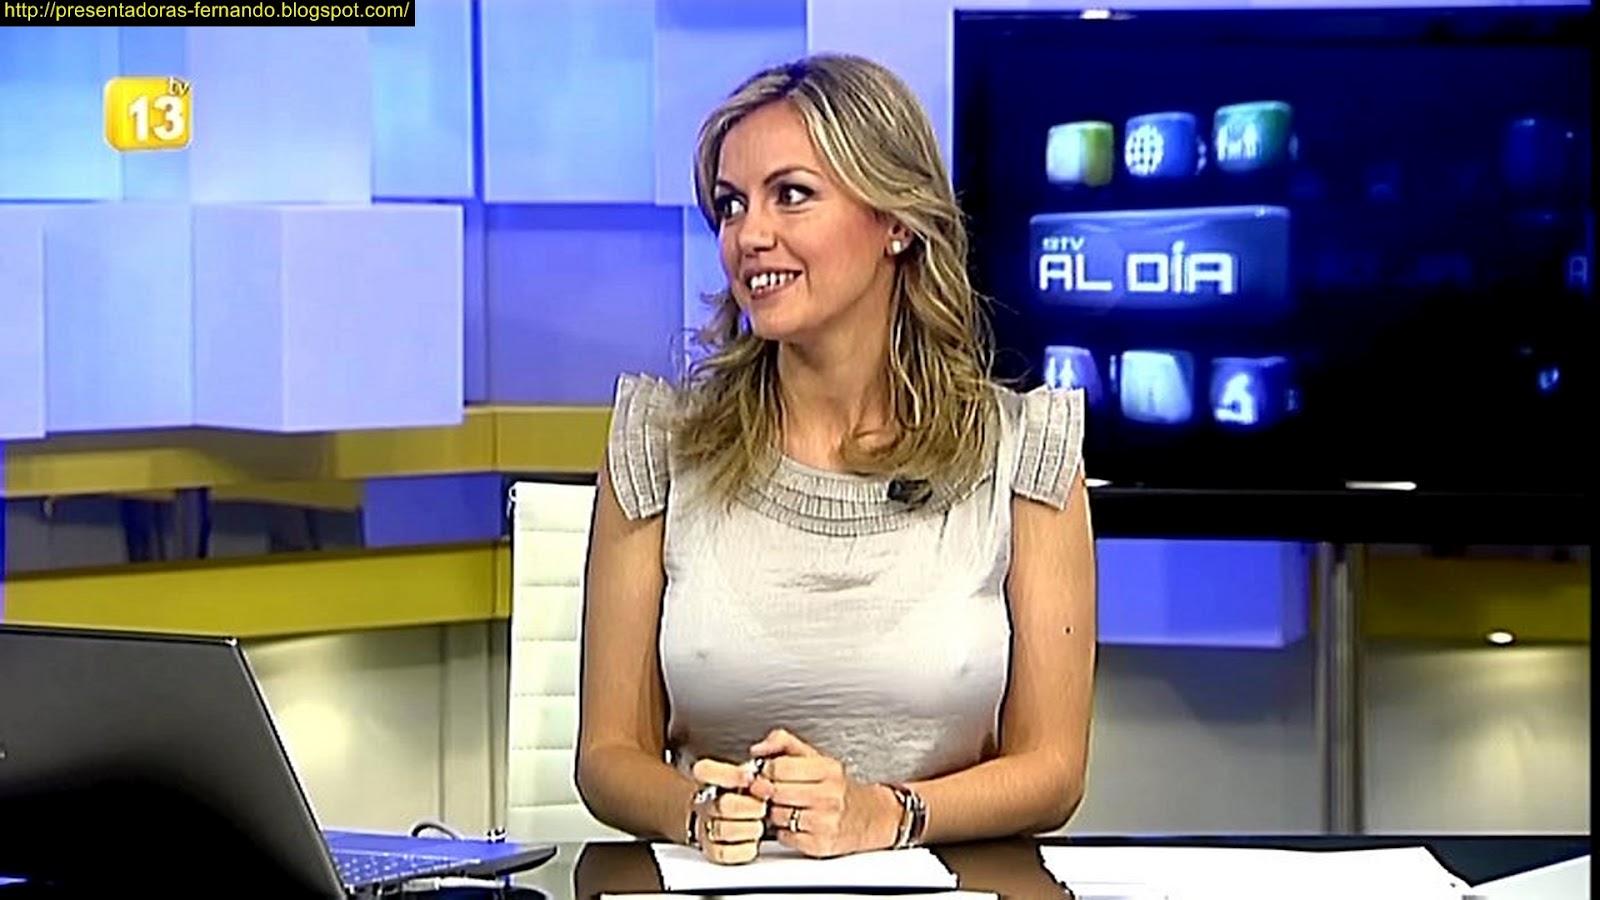 Counter Translate Presentadoras Fernando Maria Rodriguez Vico Al Dia 1 6 2012